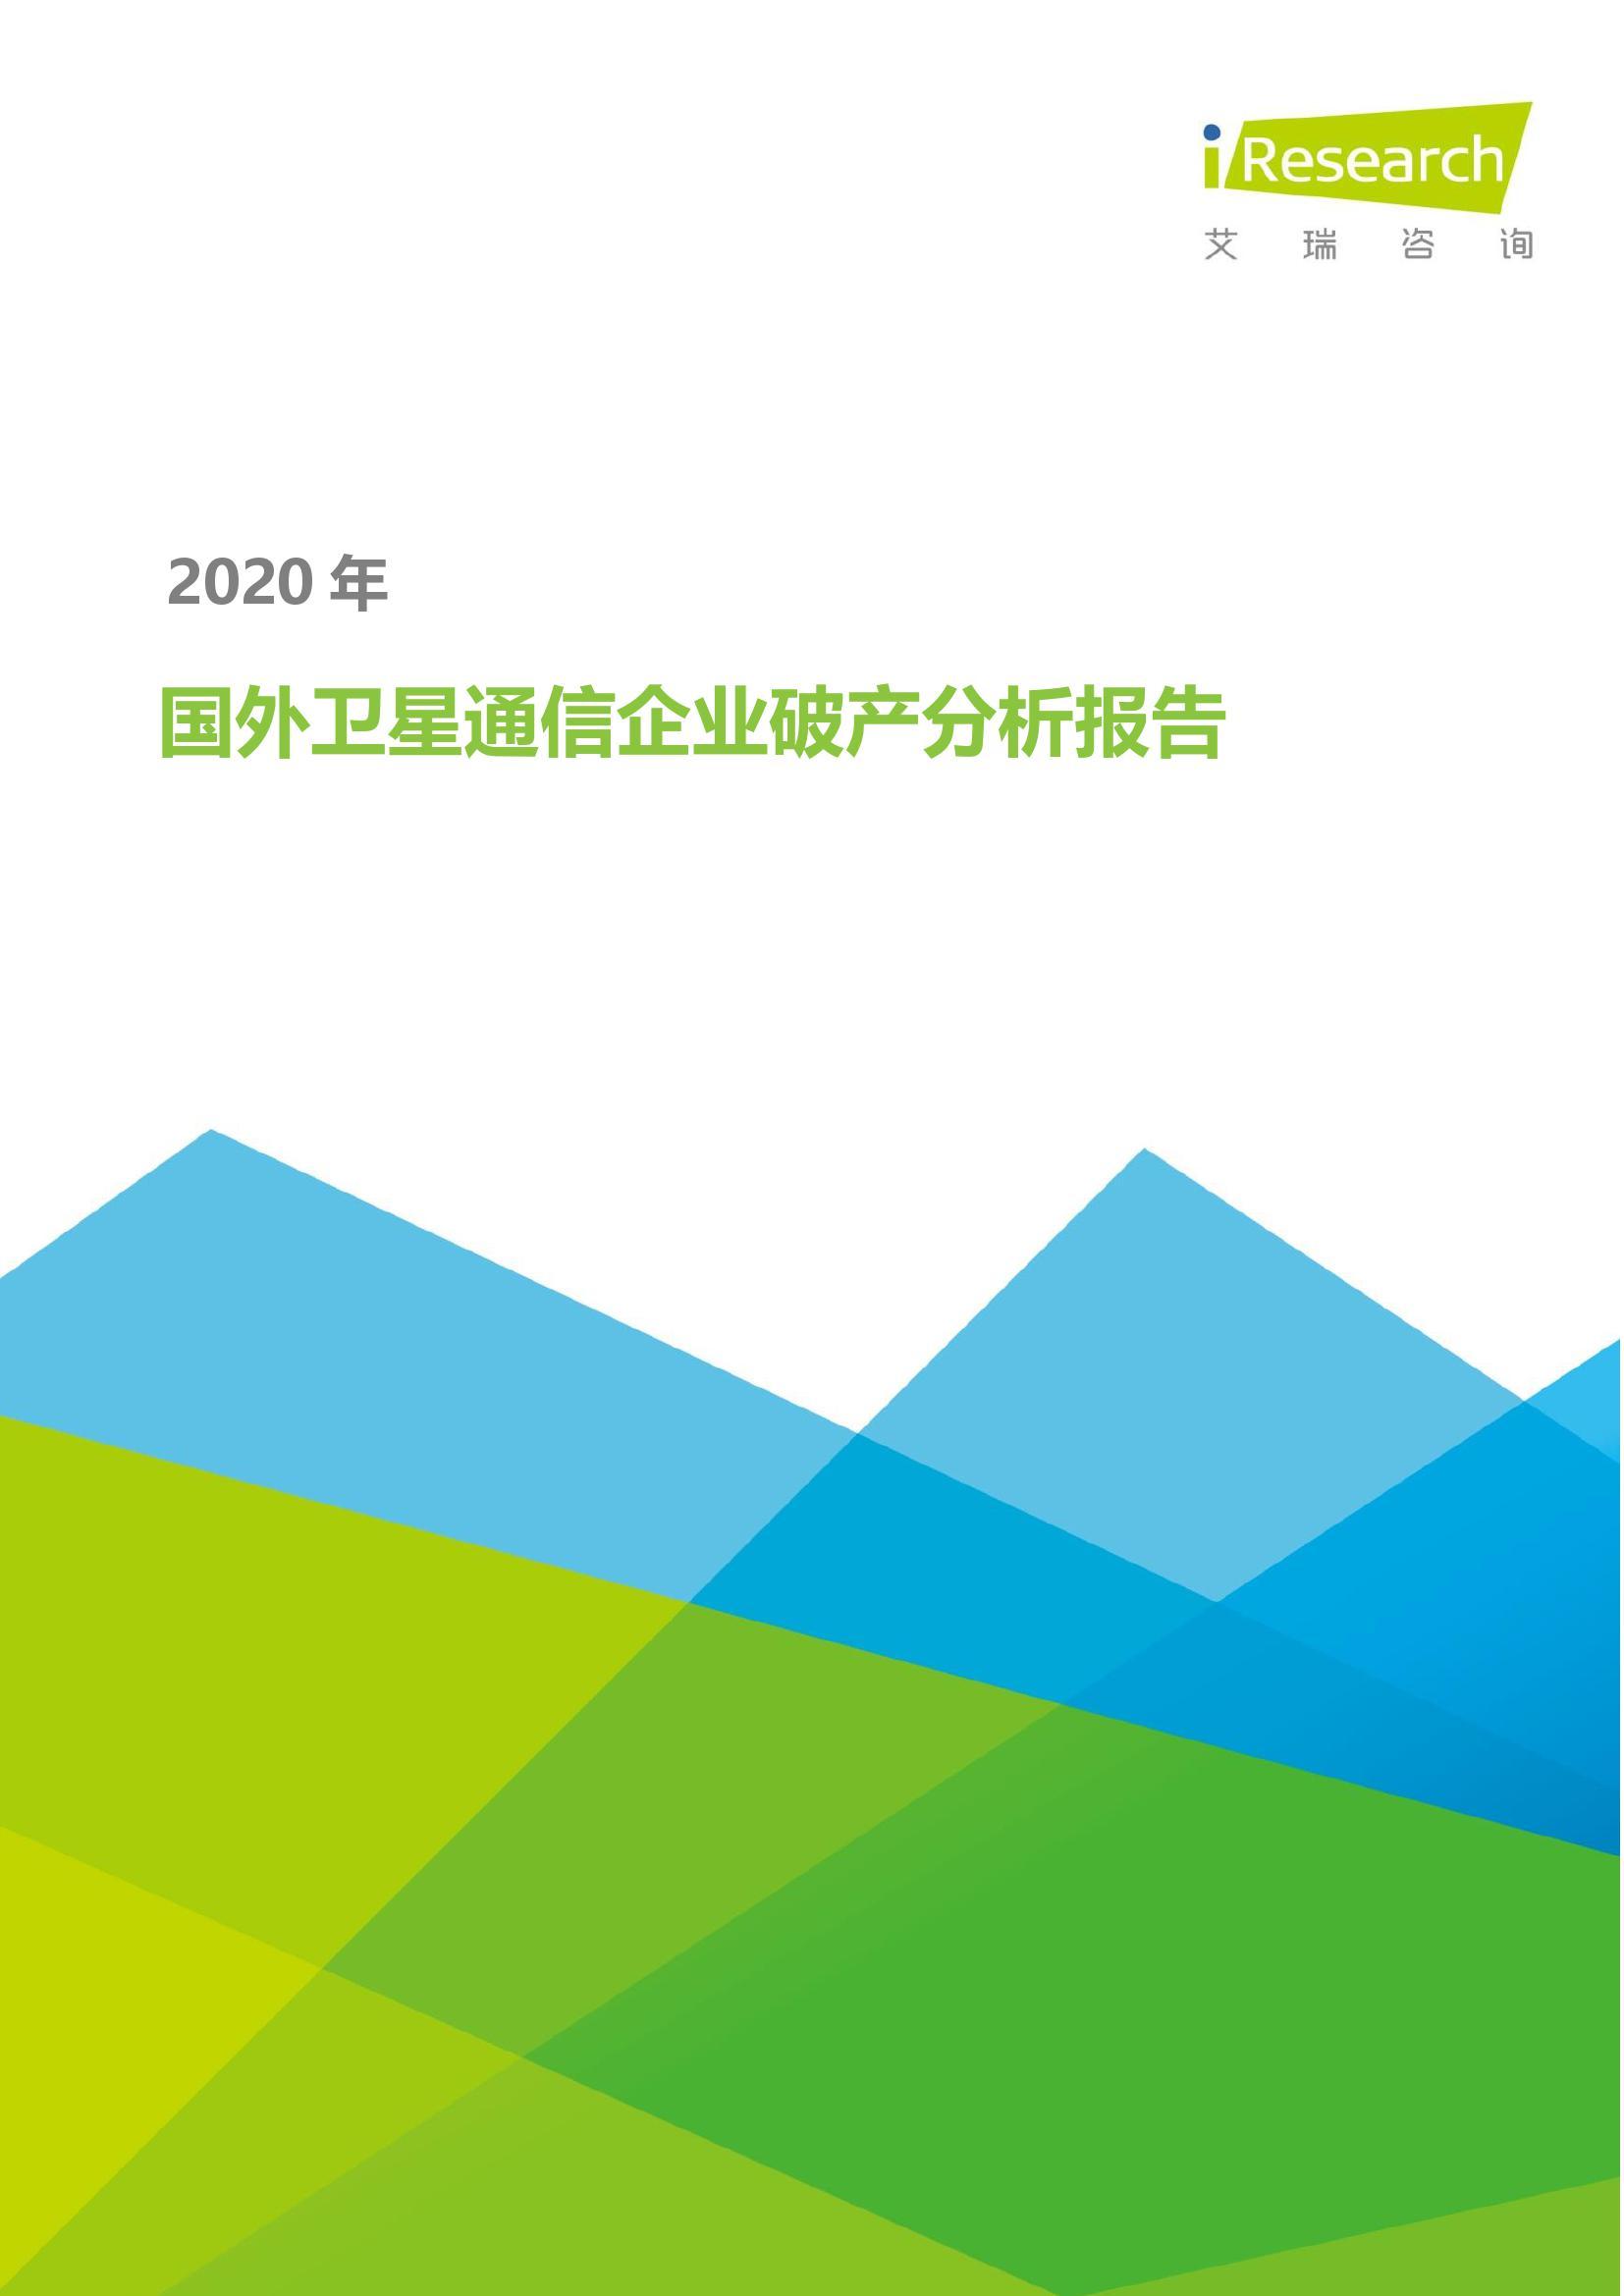 艾瑞咨询:2020年国外卫星通信企业破产分析报告(附下载)